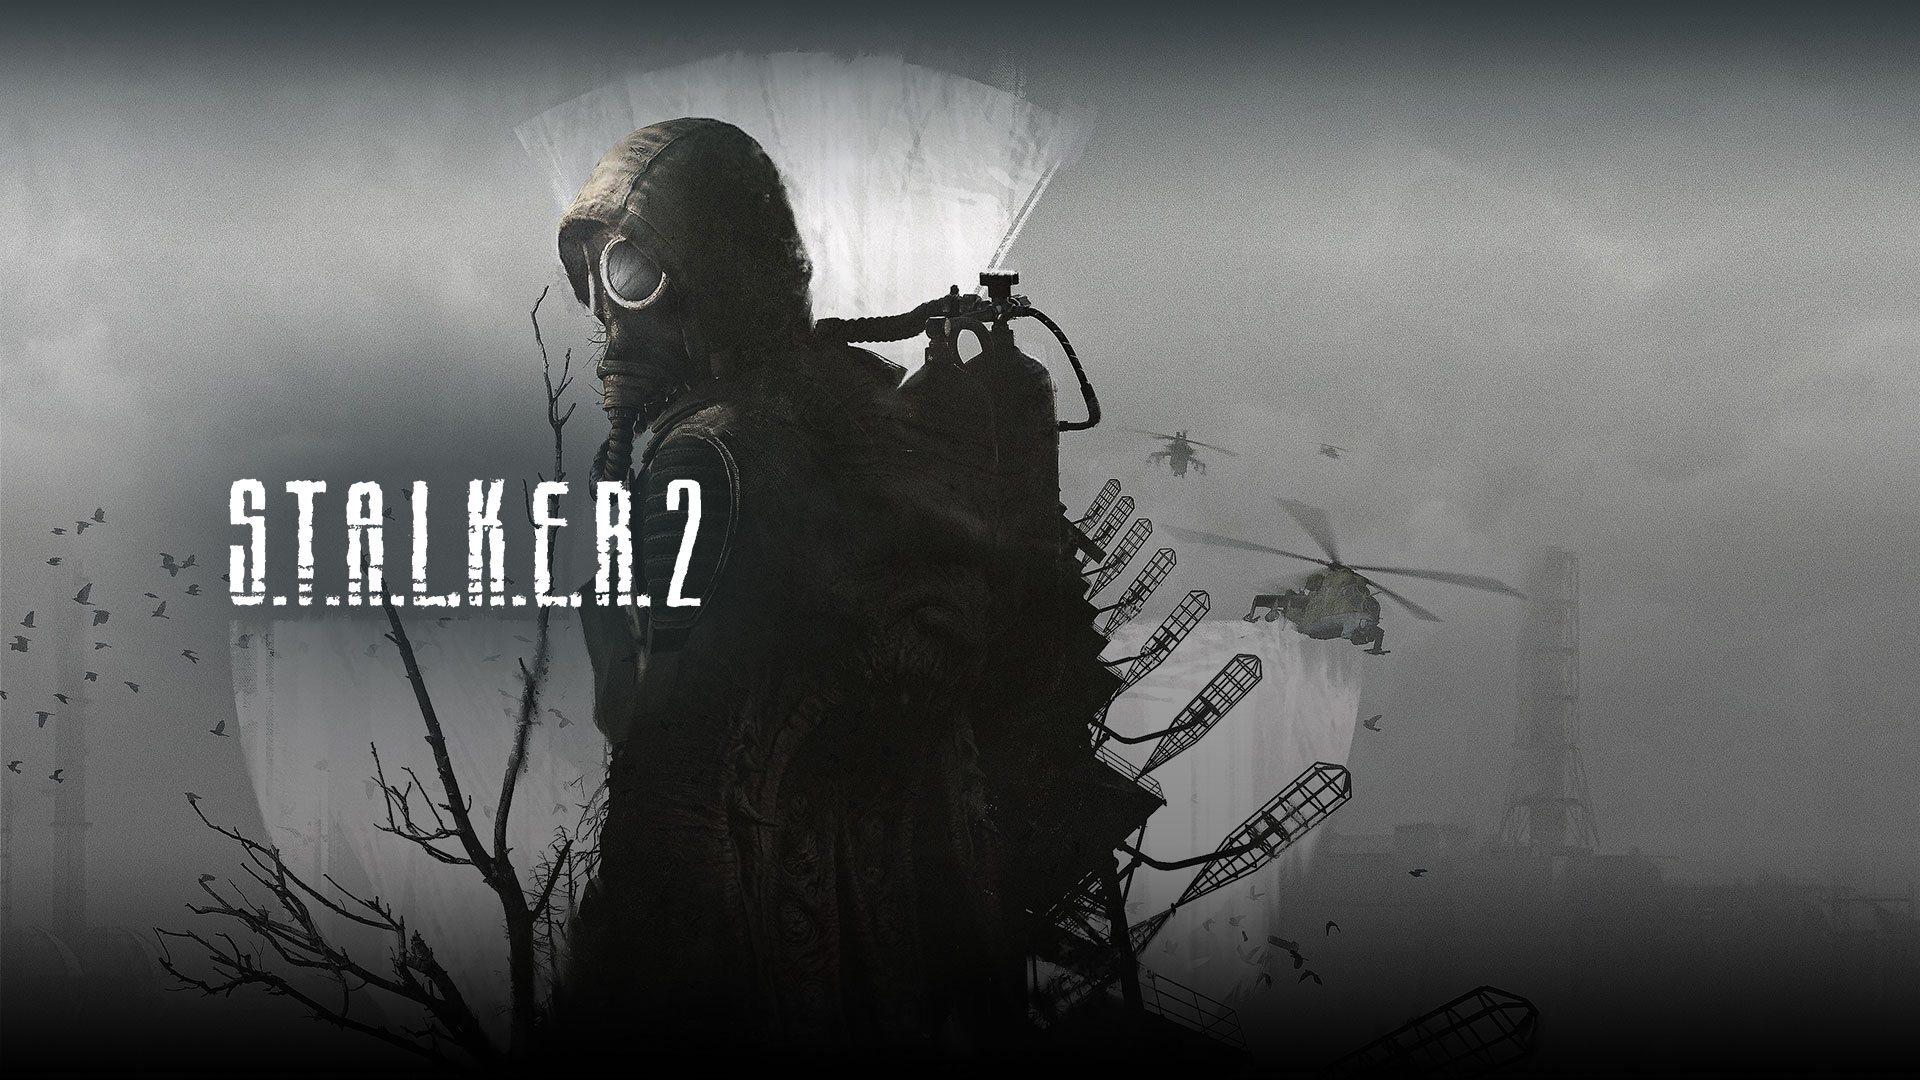 Stalker 2 Çıkış Tarihi Açıklandı ve Gelecek Yıl Geliyor